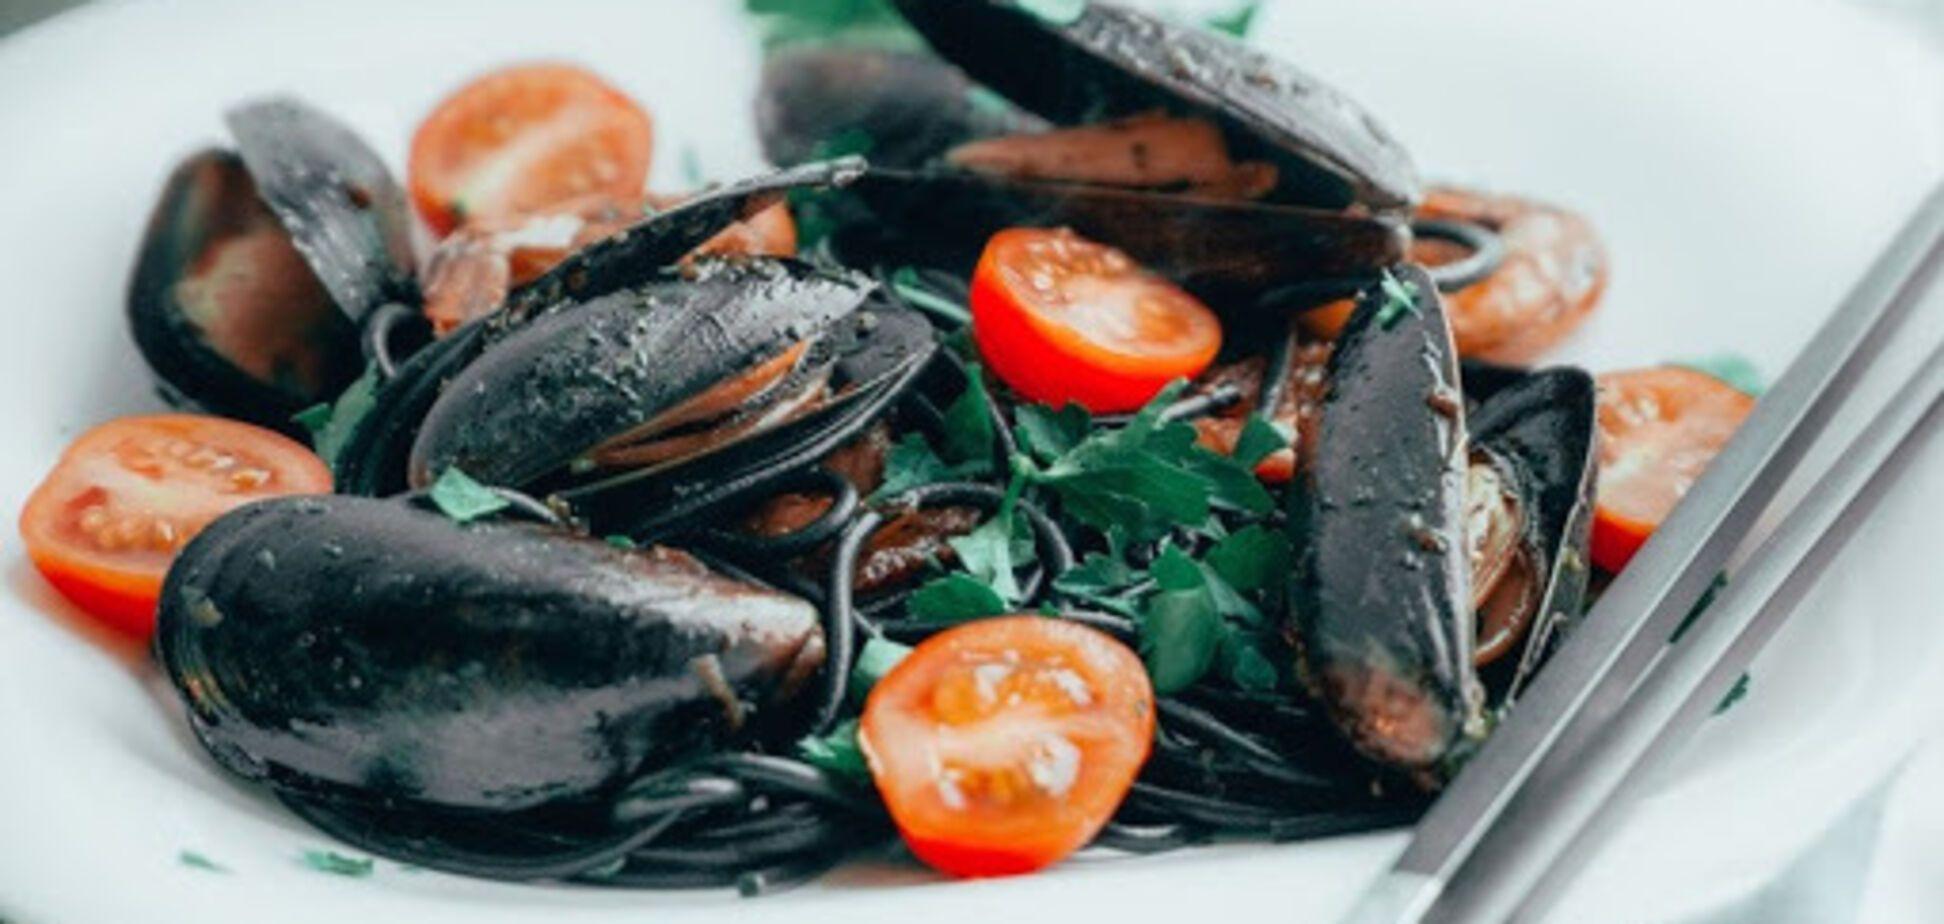 Ідеальна вечеря – мідії з томатами: рецепт